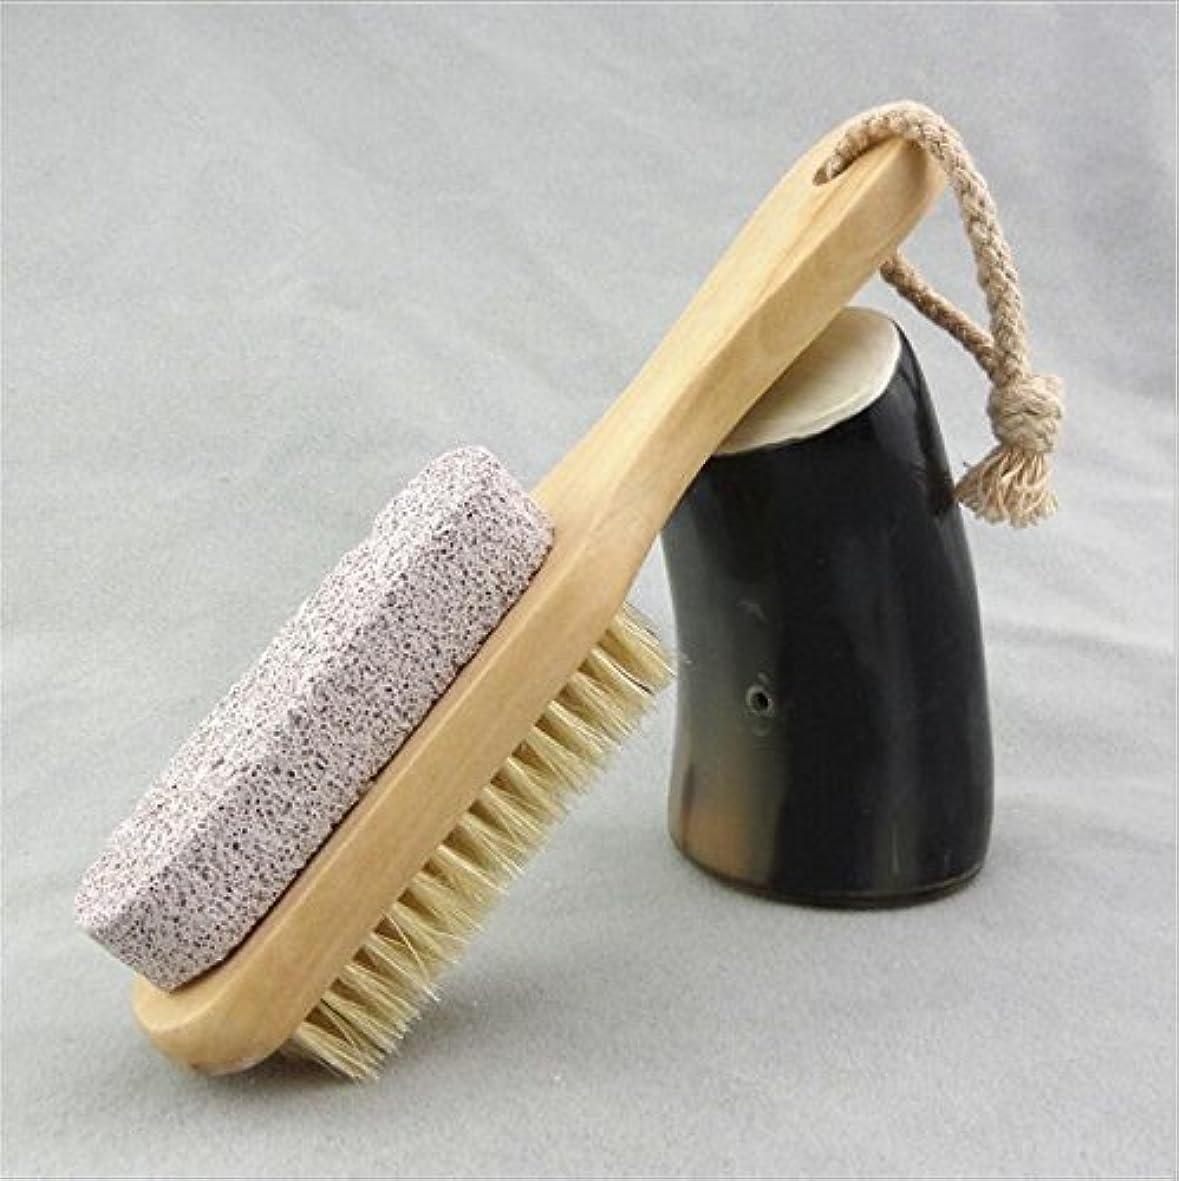 経験的もろい改革Bigmind 足軽石の足爪ブラシ 角質除去 天然毛 足爪 かかと削り フット用品 ブラシフットケア かかとキレイフットブラシ